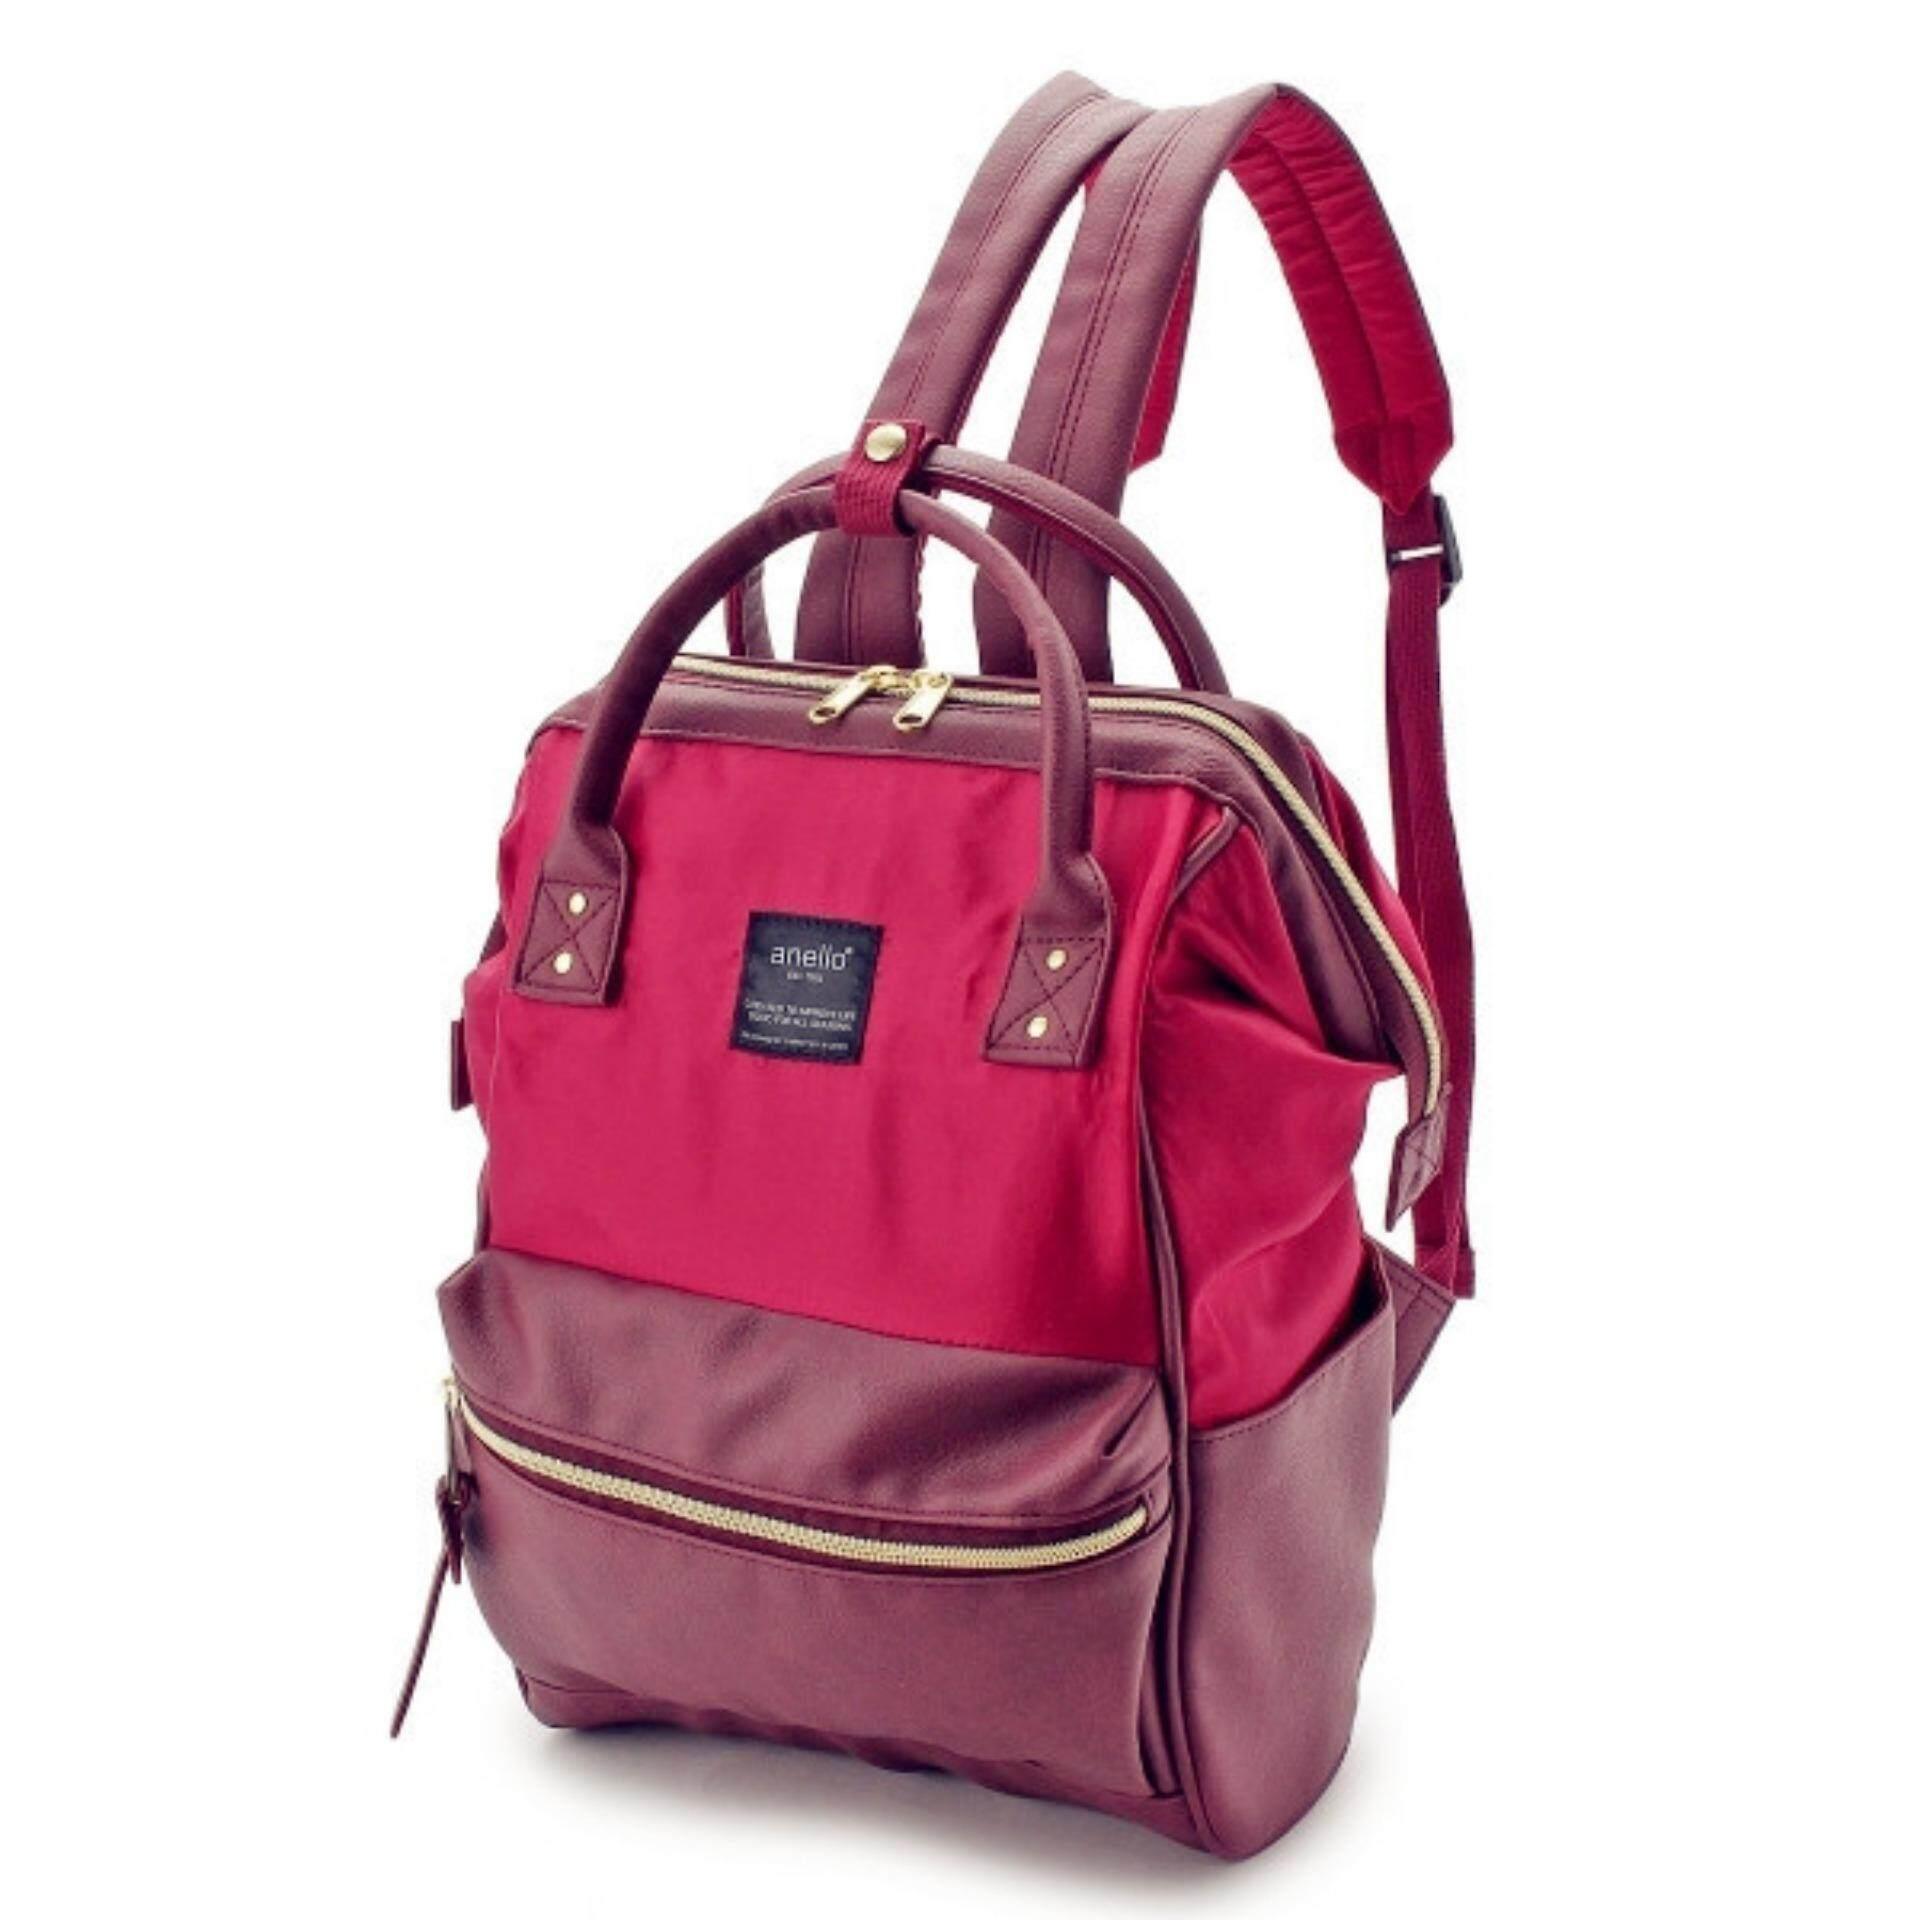 การใช้งาน  นครปฐม กระเป๋าเป้สะพายหลัง Anello x The Emporium Mini Backpack Limited Edition (Wine)